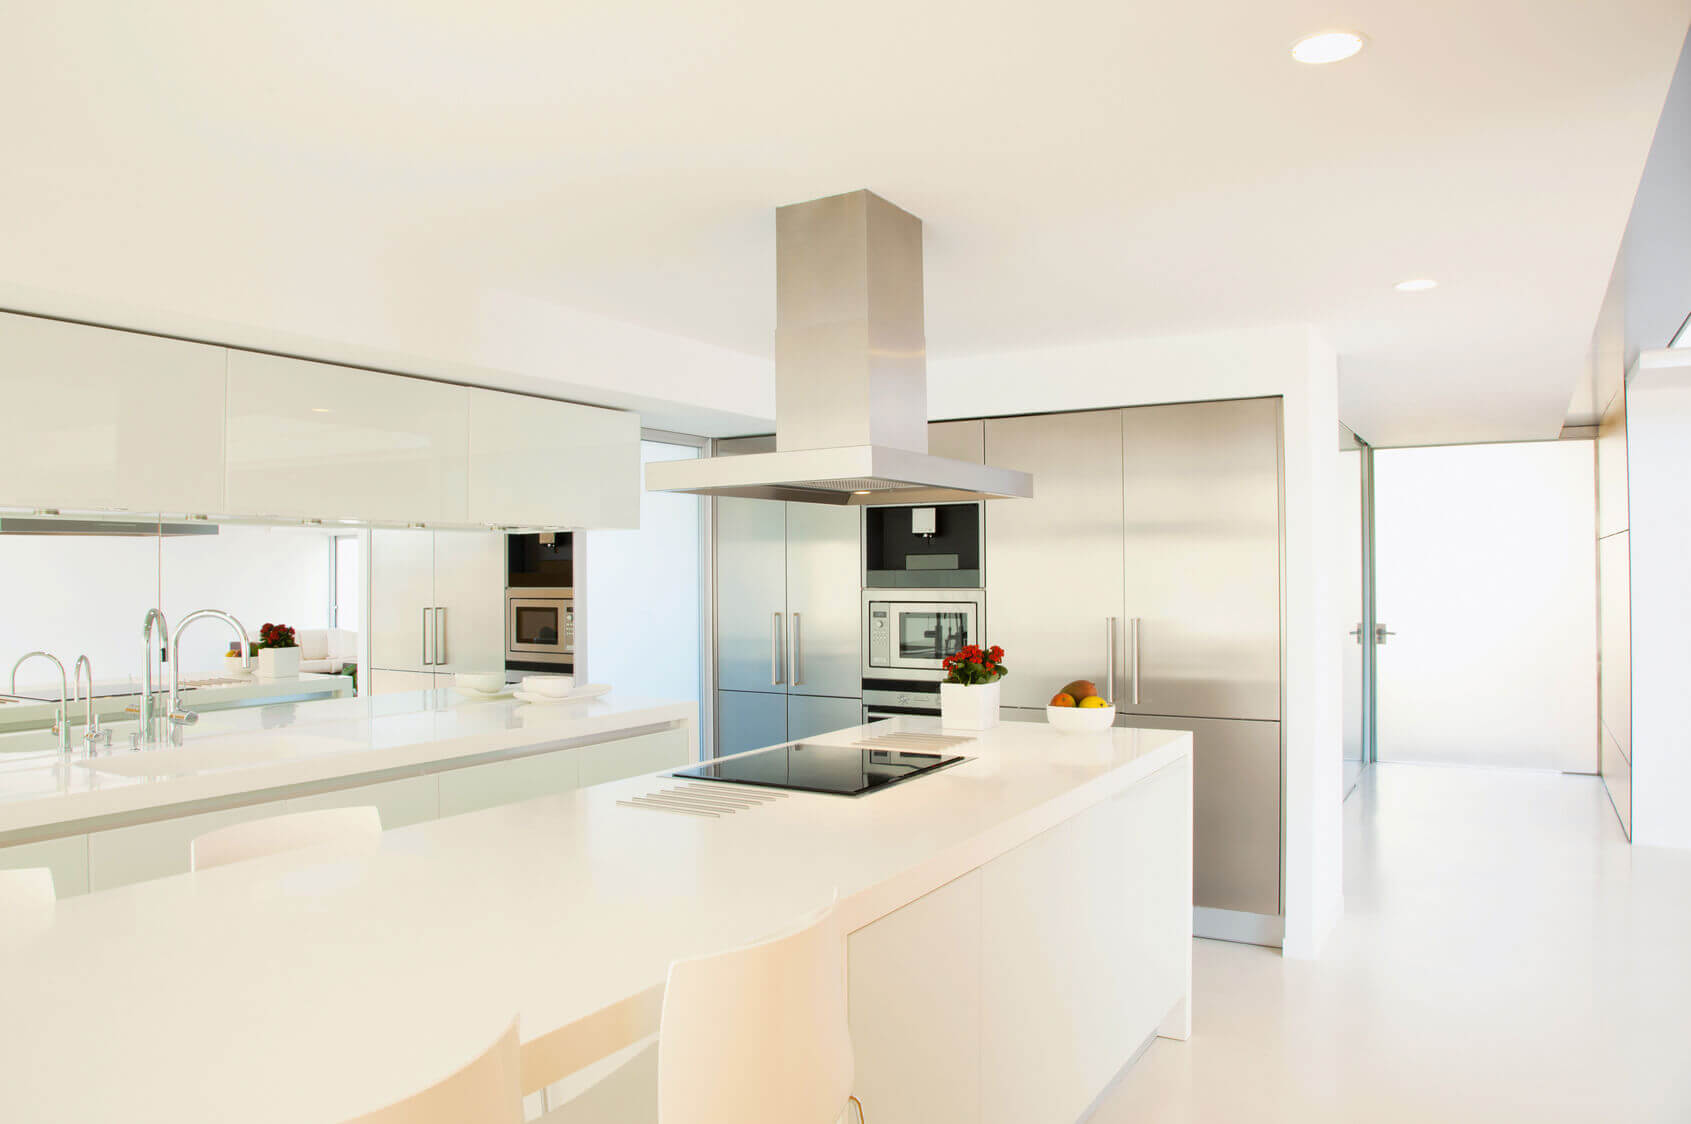 Cocinas con isla cocinas vitoria tierra home design - Islas de cocina precios ...